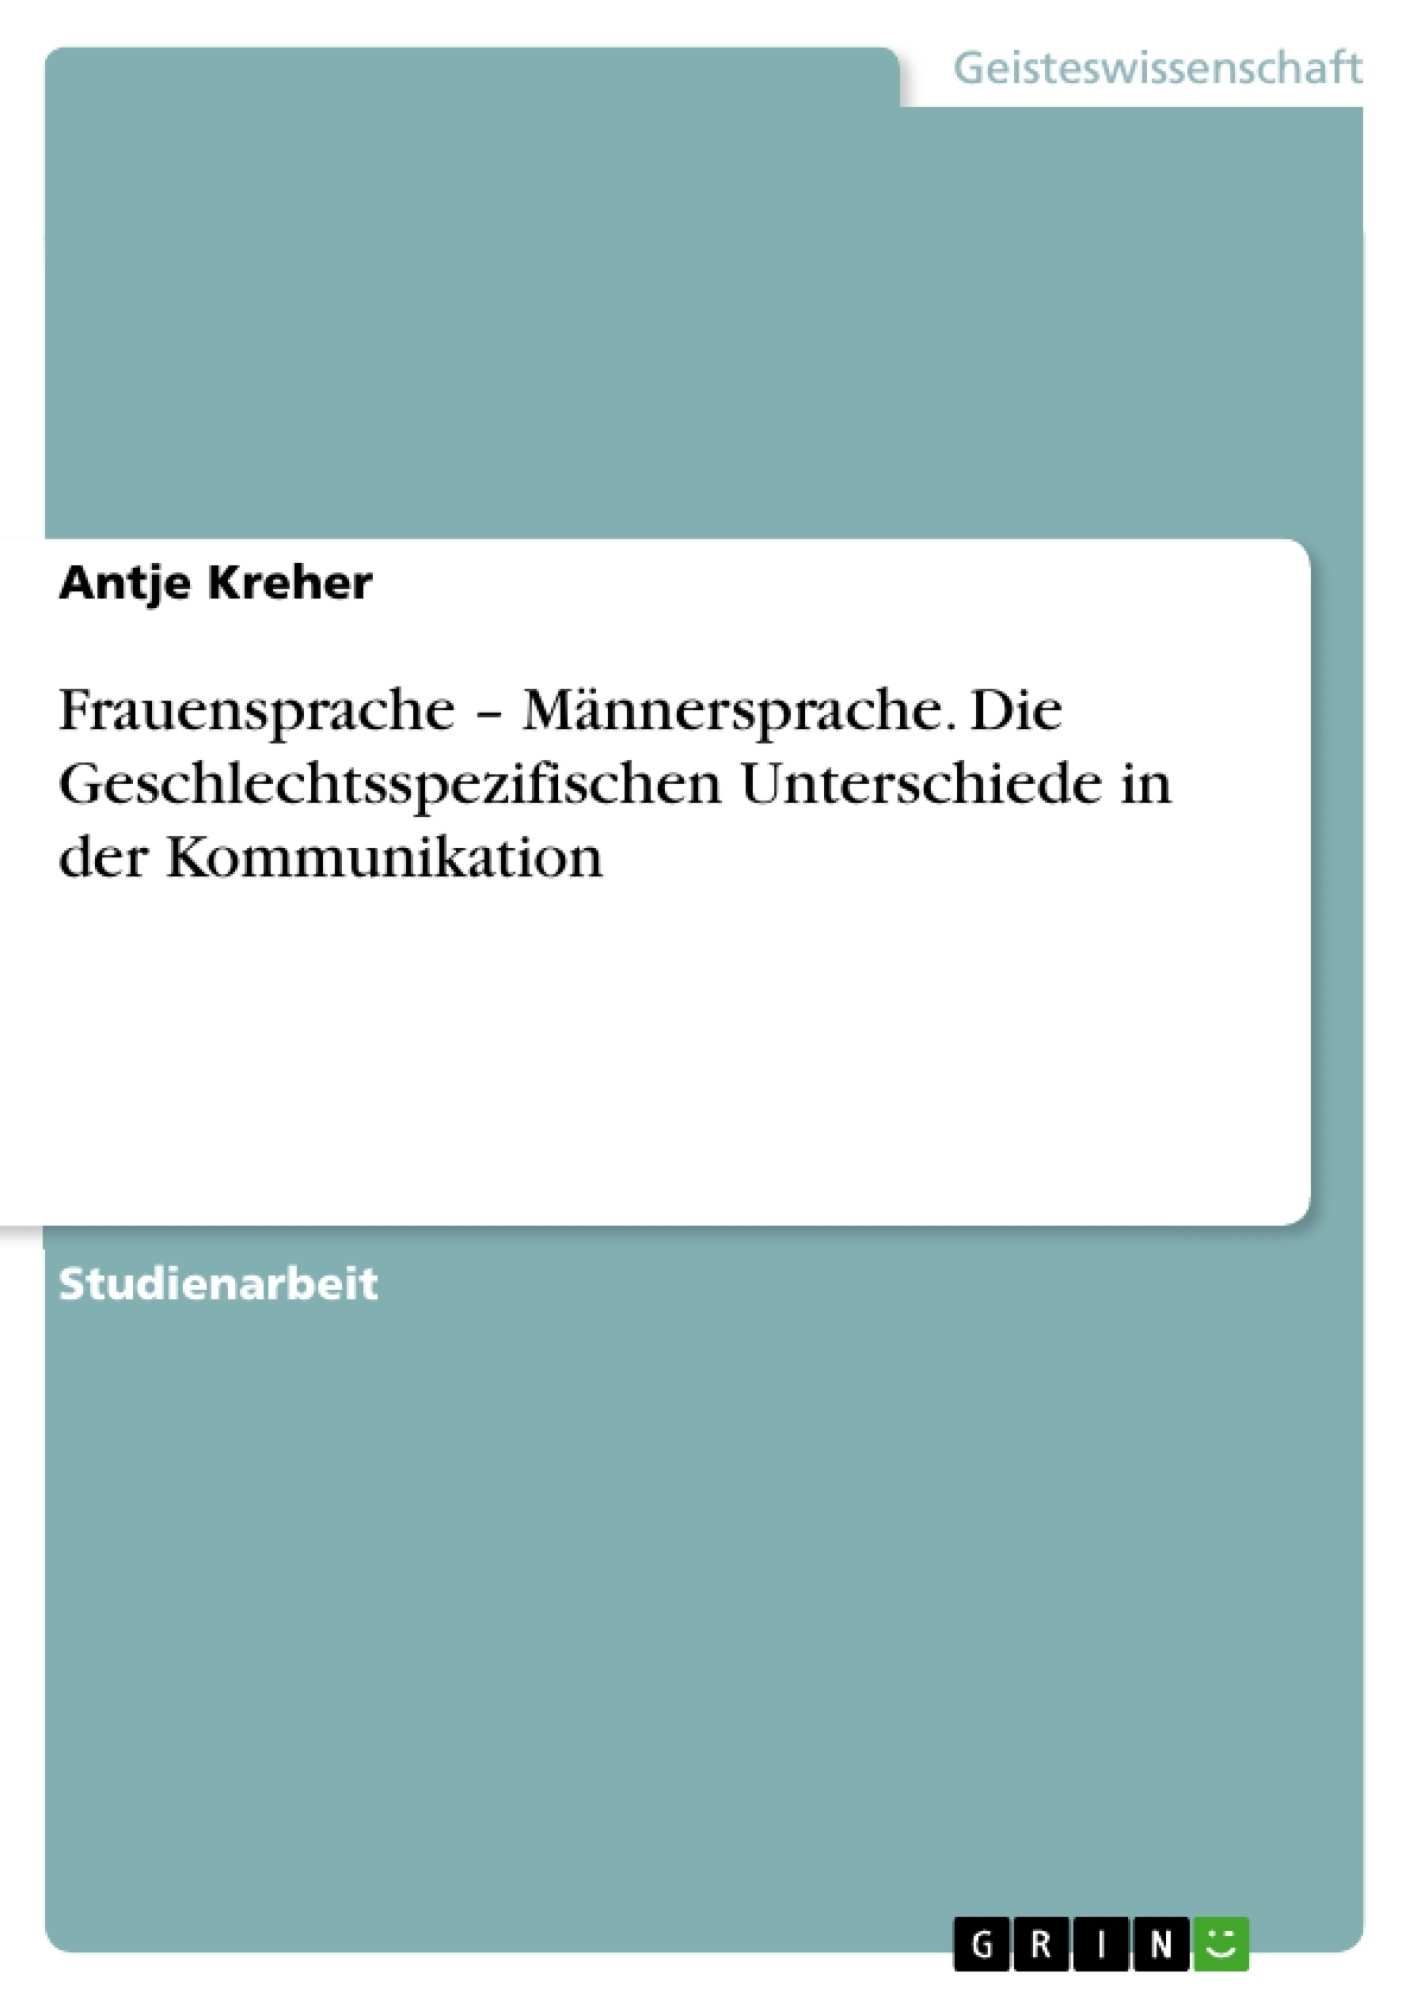 Titel: Frauensprache – Männersprache. Die Geschlechtsspezifischen Unterschiede in der Kommunikation